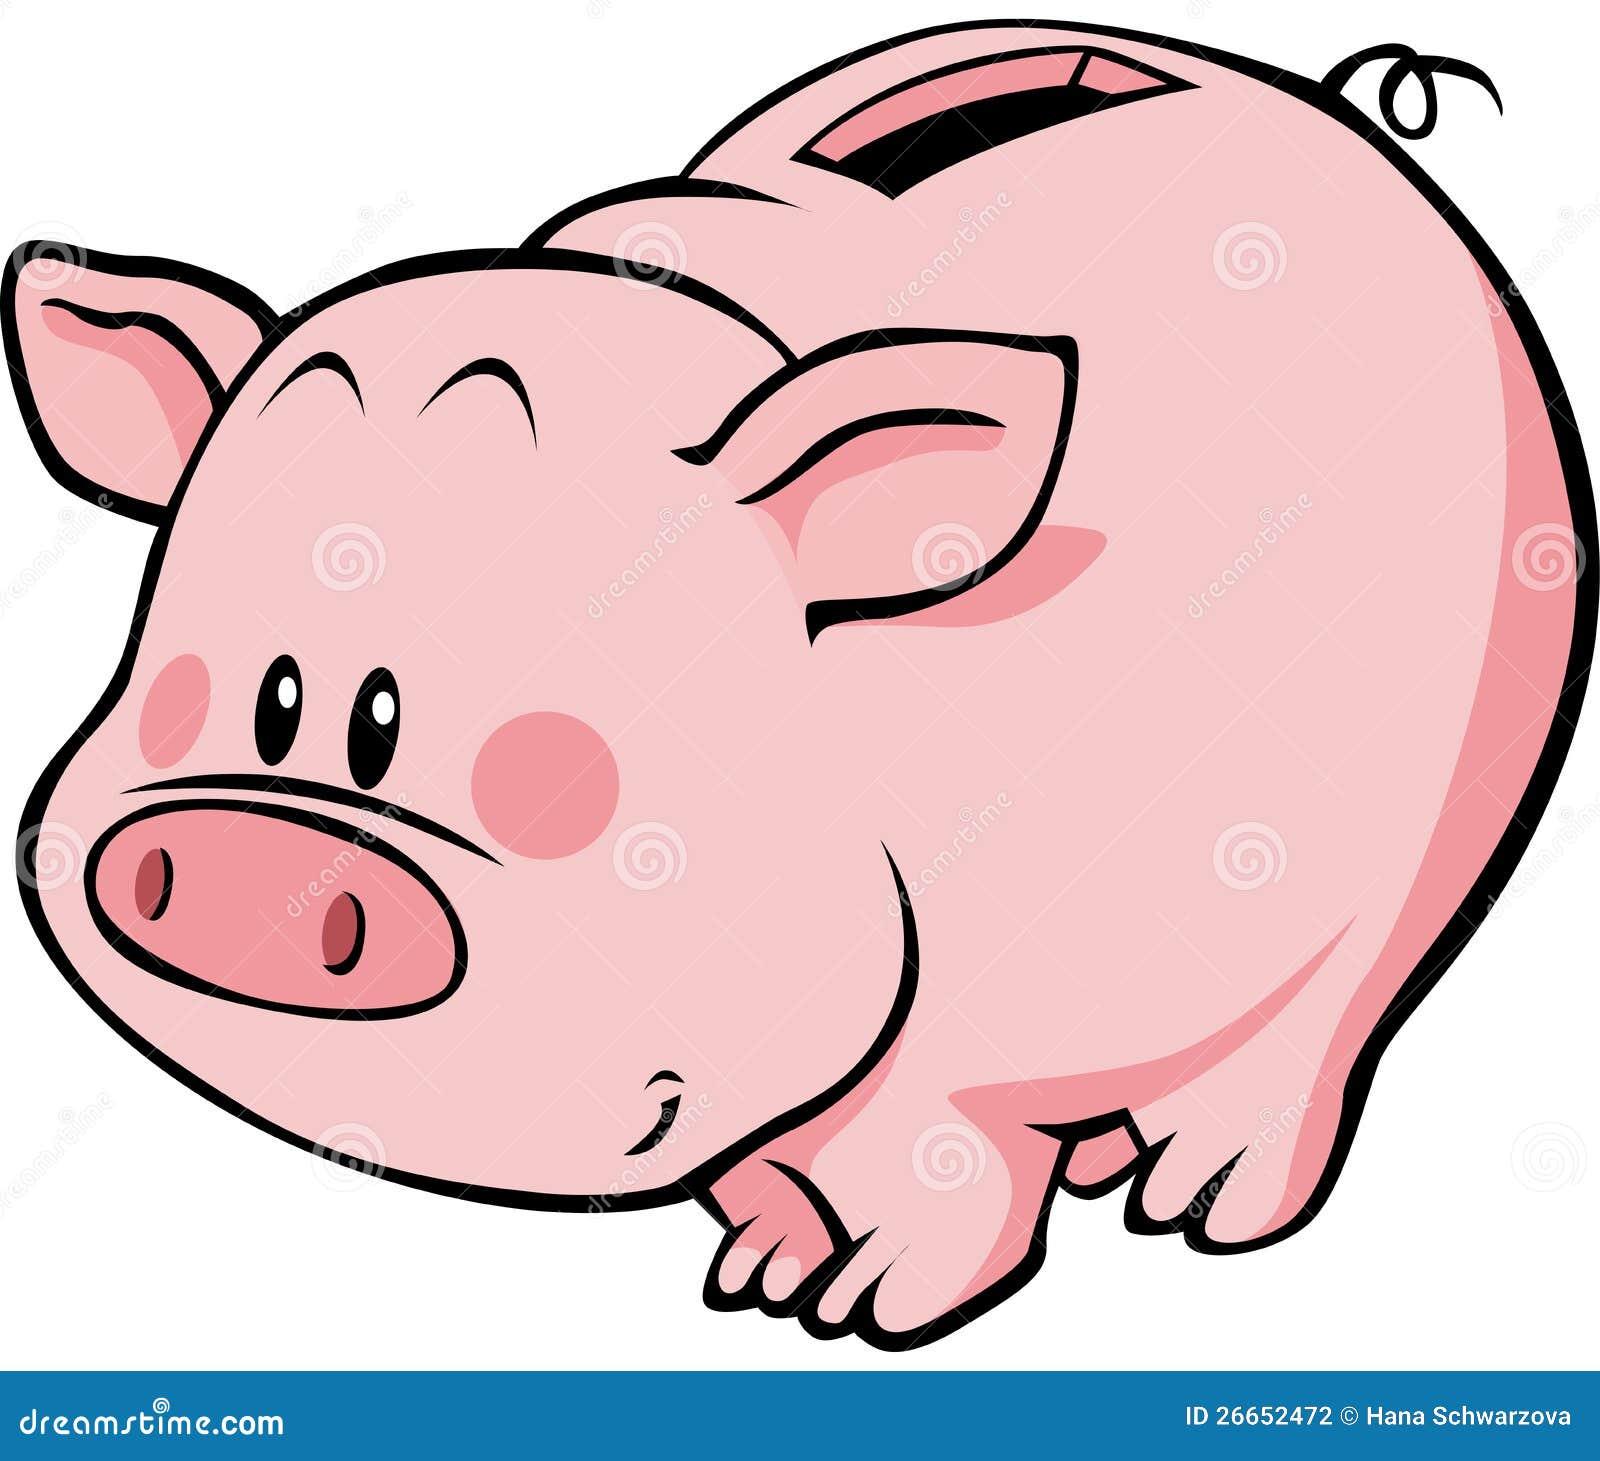 Cartoon Piggy Bank Stock Photography